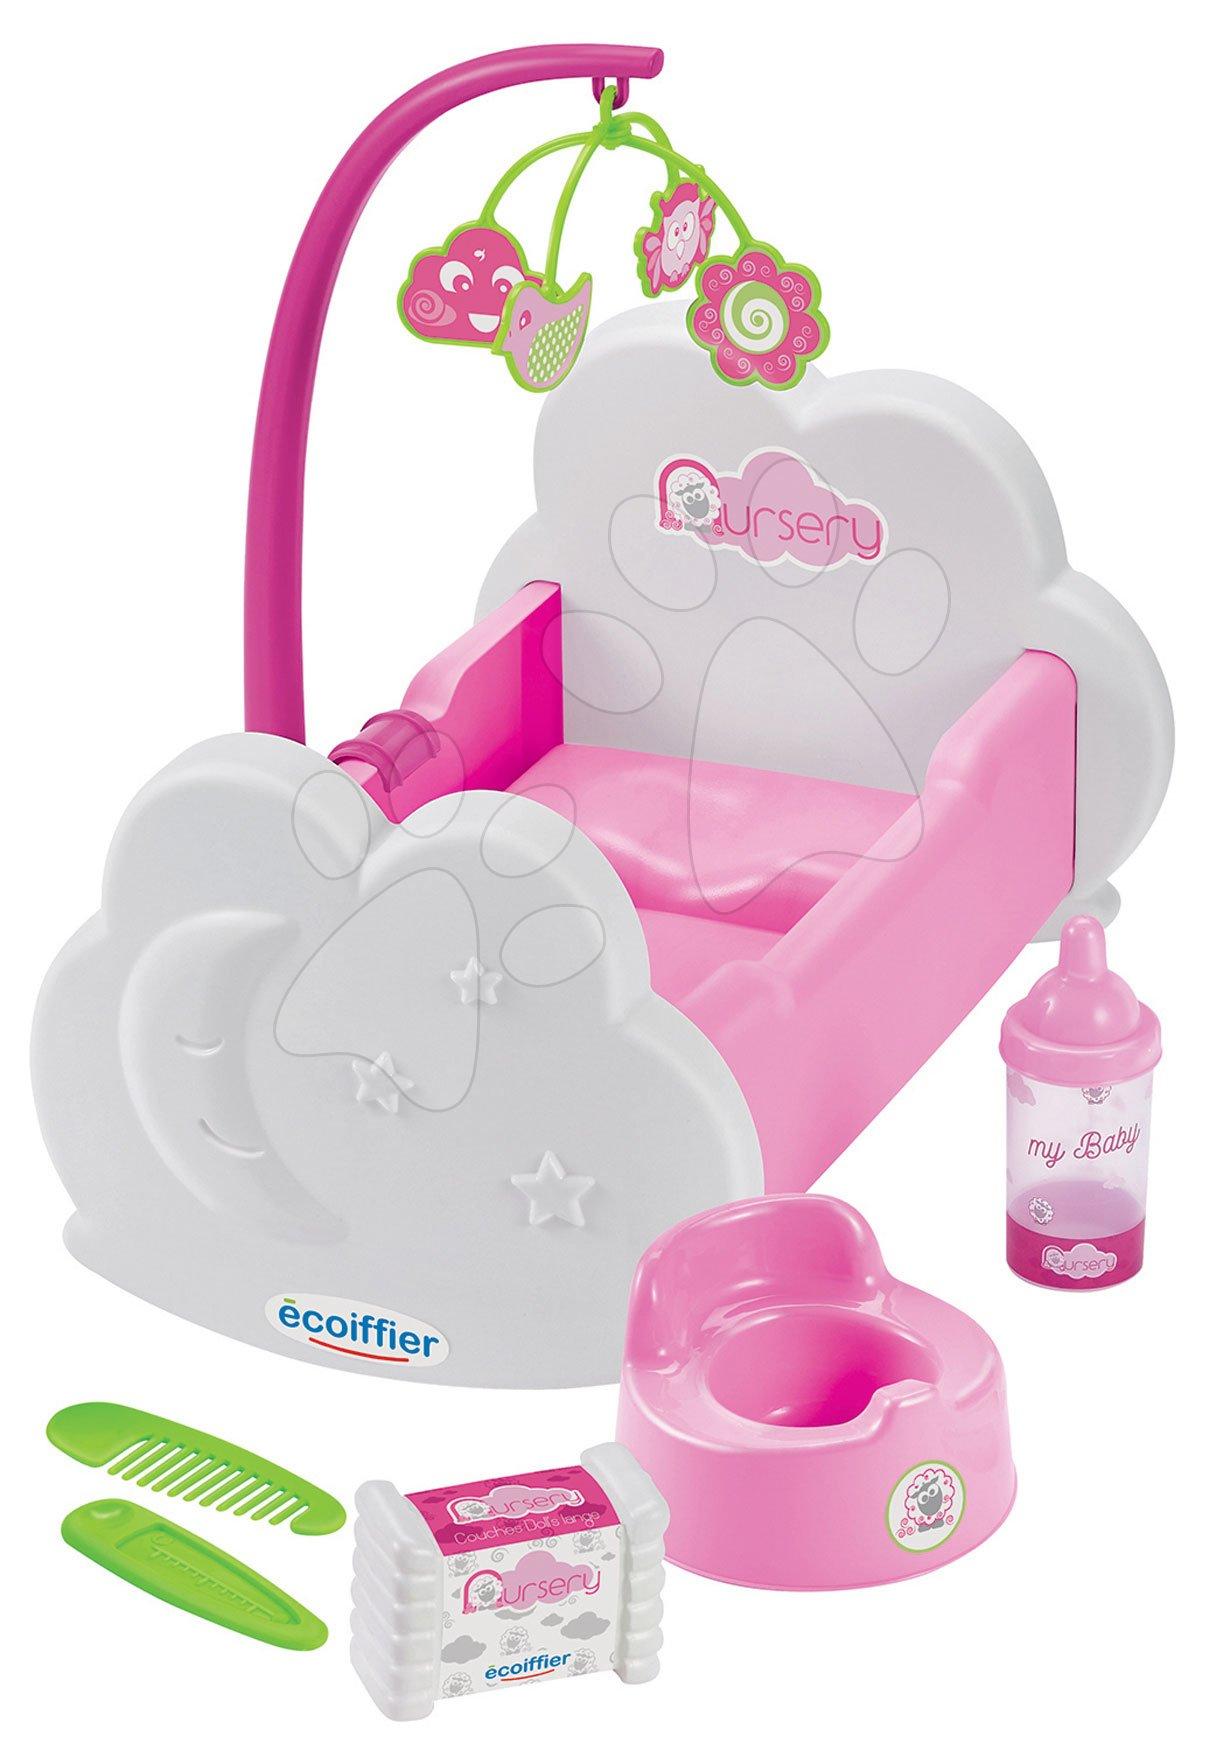 Pătuț de păpușă cu carusel Nursery Écoiffier cu oliță și accesorii de la 18 luni